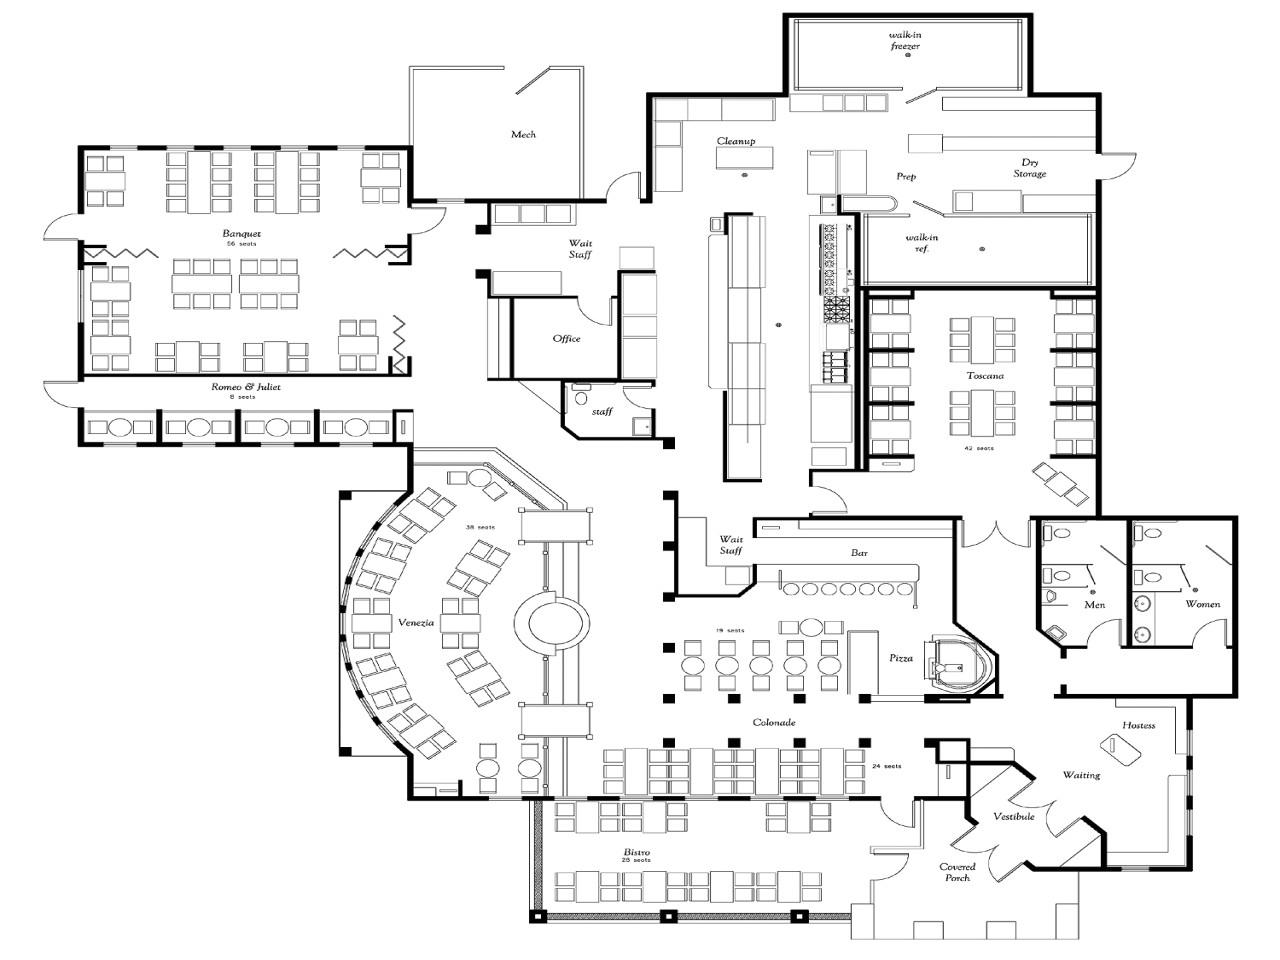 e7b3238d449394b1 sample restaurant floor plans restaurant floor plan design